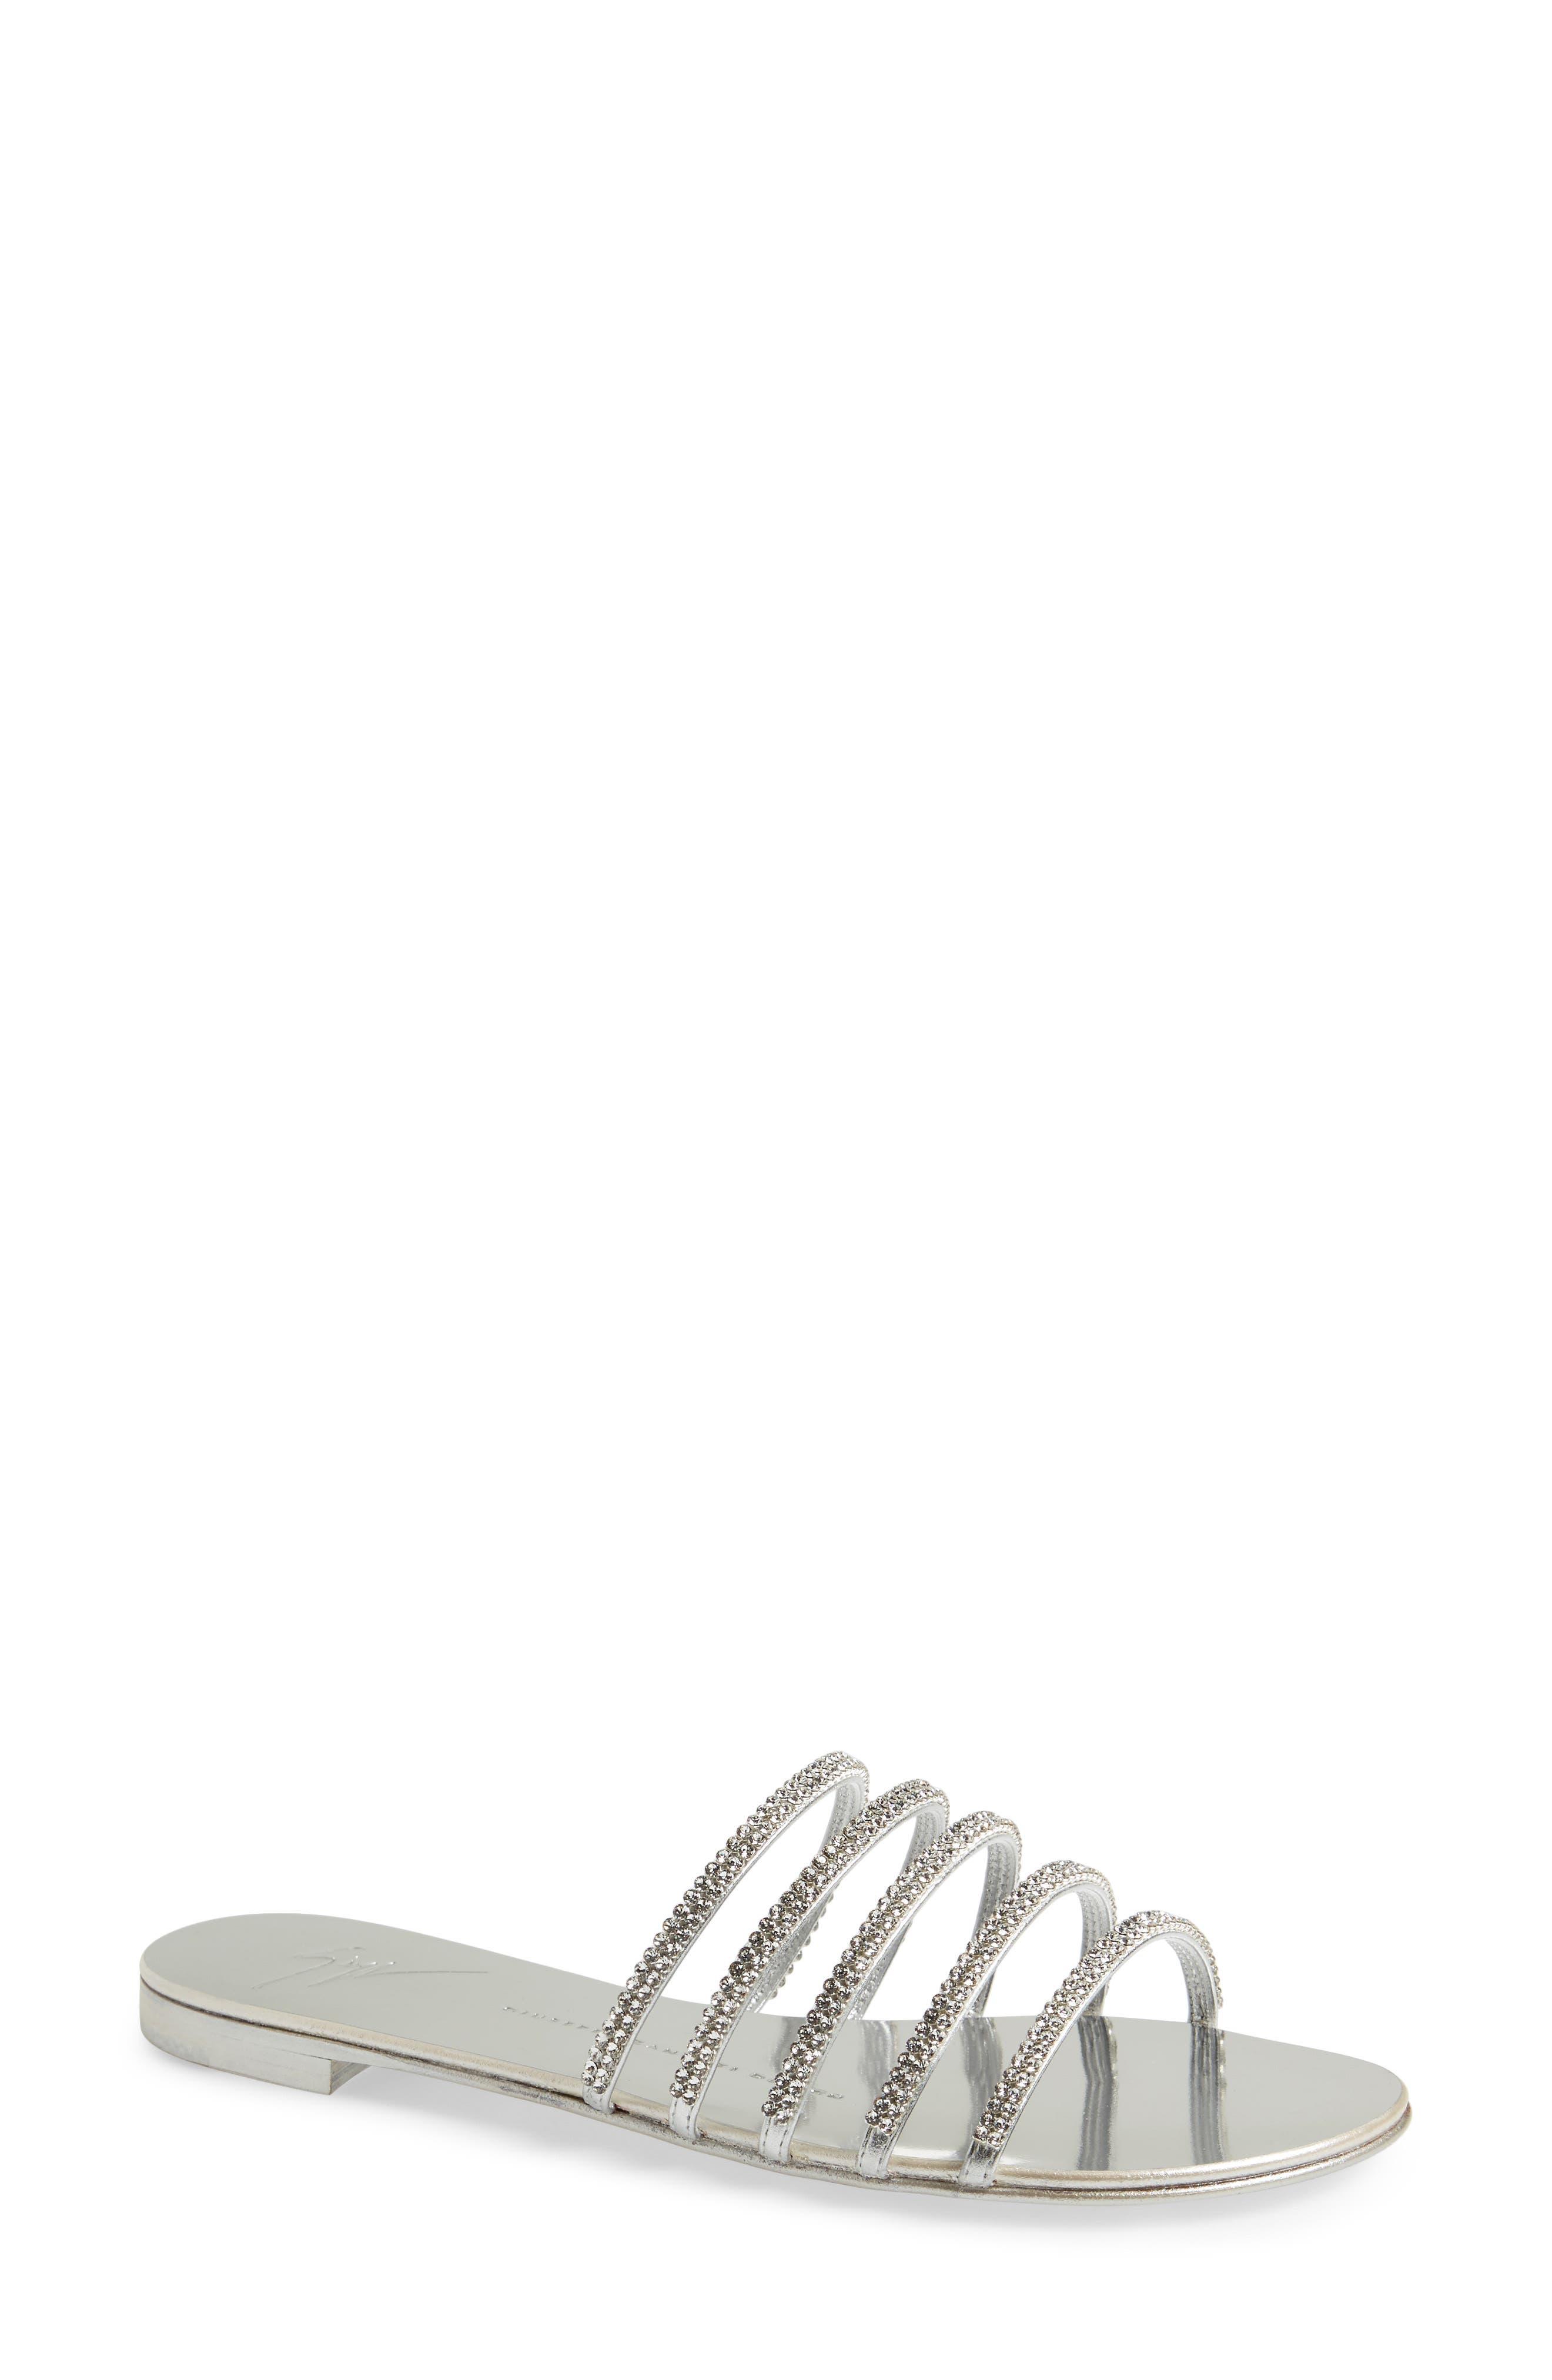 Nuvoroll Crystal Embellished Slide Sandal,                             Main thumbnail 1, color,                             043